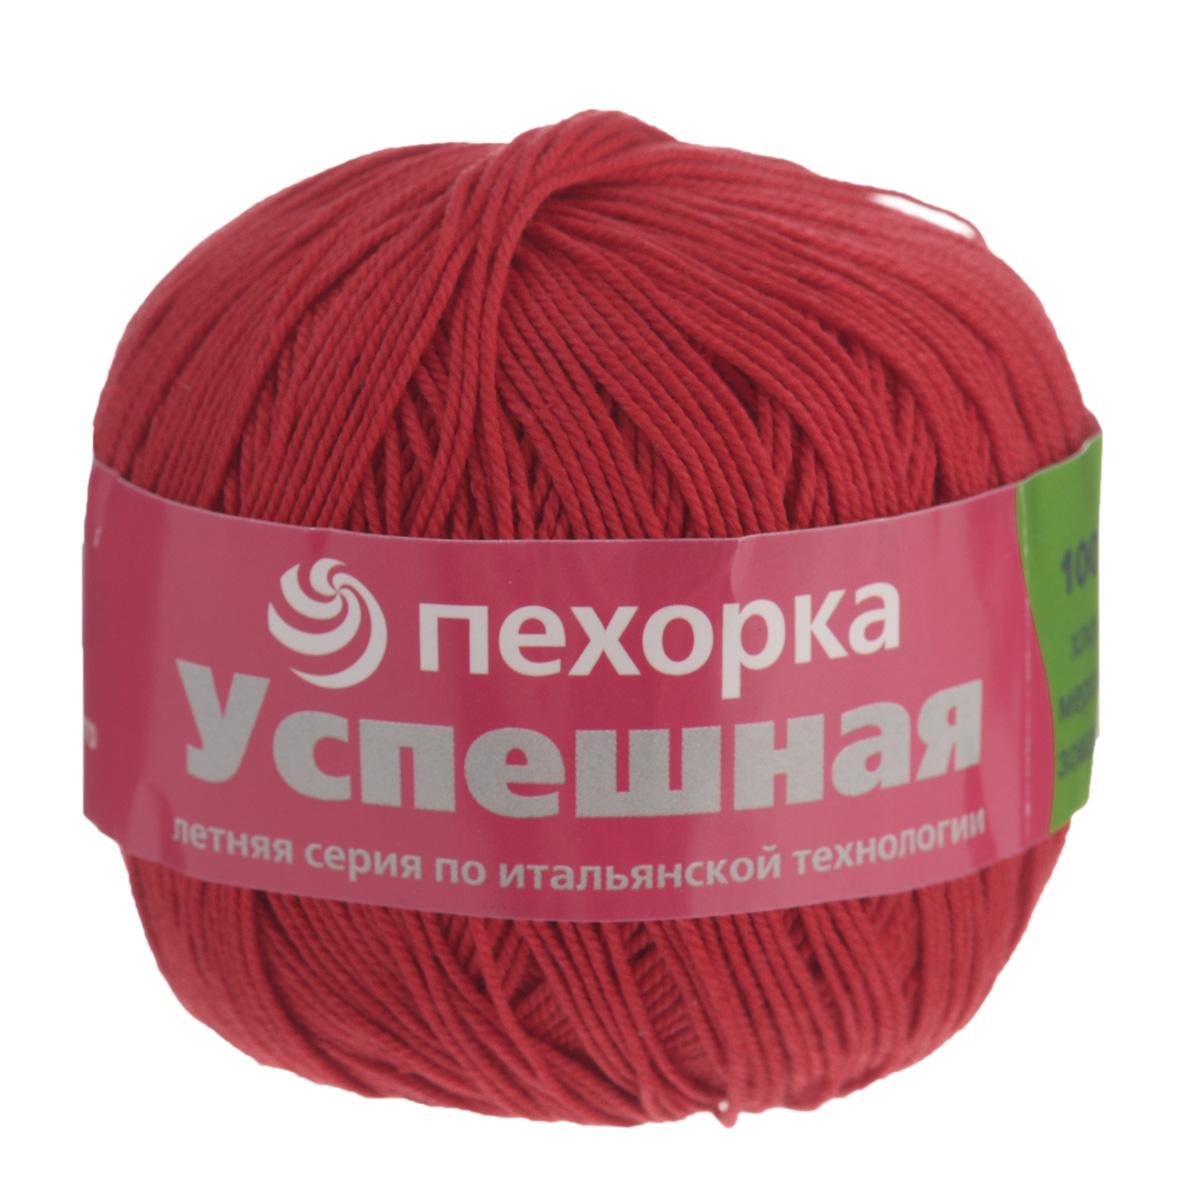 Пряжа для вязания Пехорка Успешная, цвет: красный (06), 220 м, 50 г, 10 шт360068_06_06-КрасныйПряжа для вязания Пехорка Успешная изготовлена из 100% мерсеризованного хлопка. Пряжа, прошедшая обработку под названием мерсеризация, приобретает блеск, ее легко окрасить в яркие устойчивые цвета. Мерсеризованный хлопок мягкий и шелковистый, он хорошо впитывает влагу. Изделия из такой пряжи меньше мнутся при носке и не садятся при стирке. Связанный трикотаж получается теплый, добротный, мягкий и красивый. С такой пряжей для ручного вязания вы сможете связать своими руками необычные и красивые вещи. Рекомендуются спицы и крючок для вязания 3 мм. Толщина нити: 1 мм. Состав: 100% мерсеризованный хлопок.